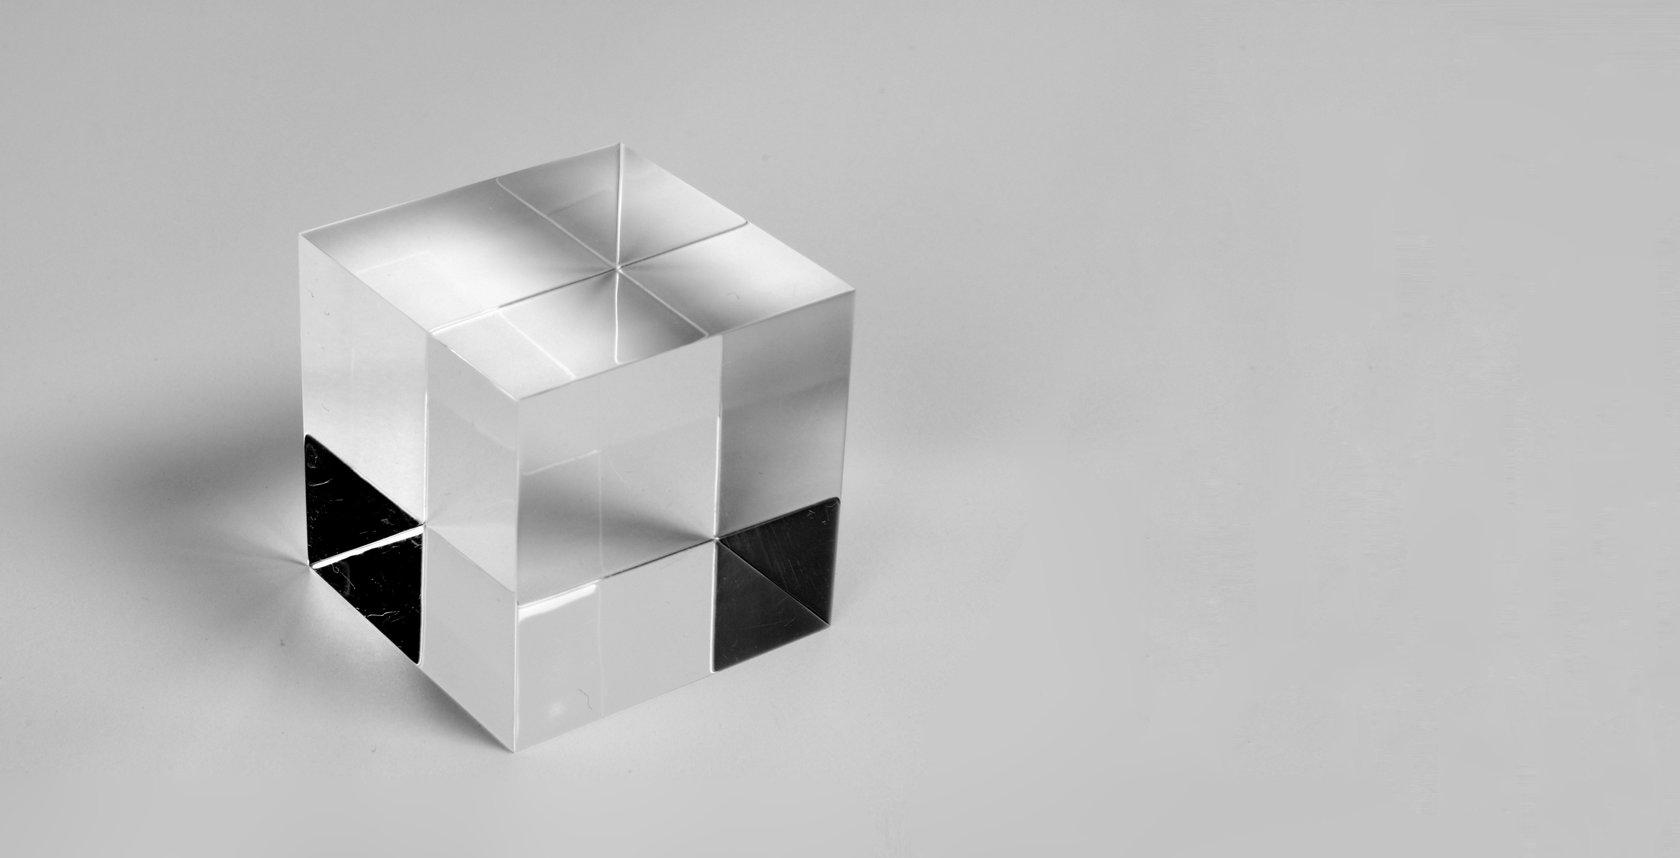 lieferprogramm walter weissig gmbh. Black Bedroom Furniture Sets. Home Design Ideas